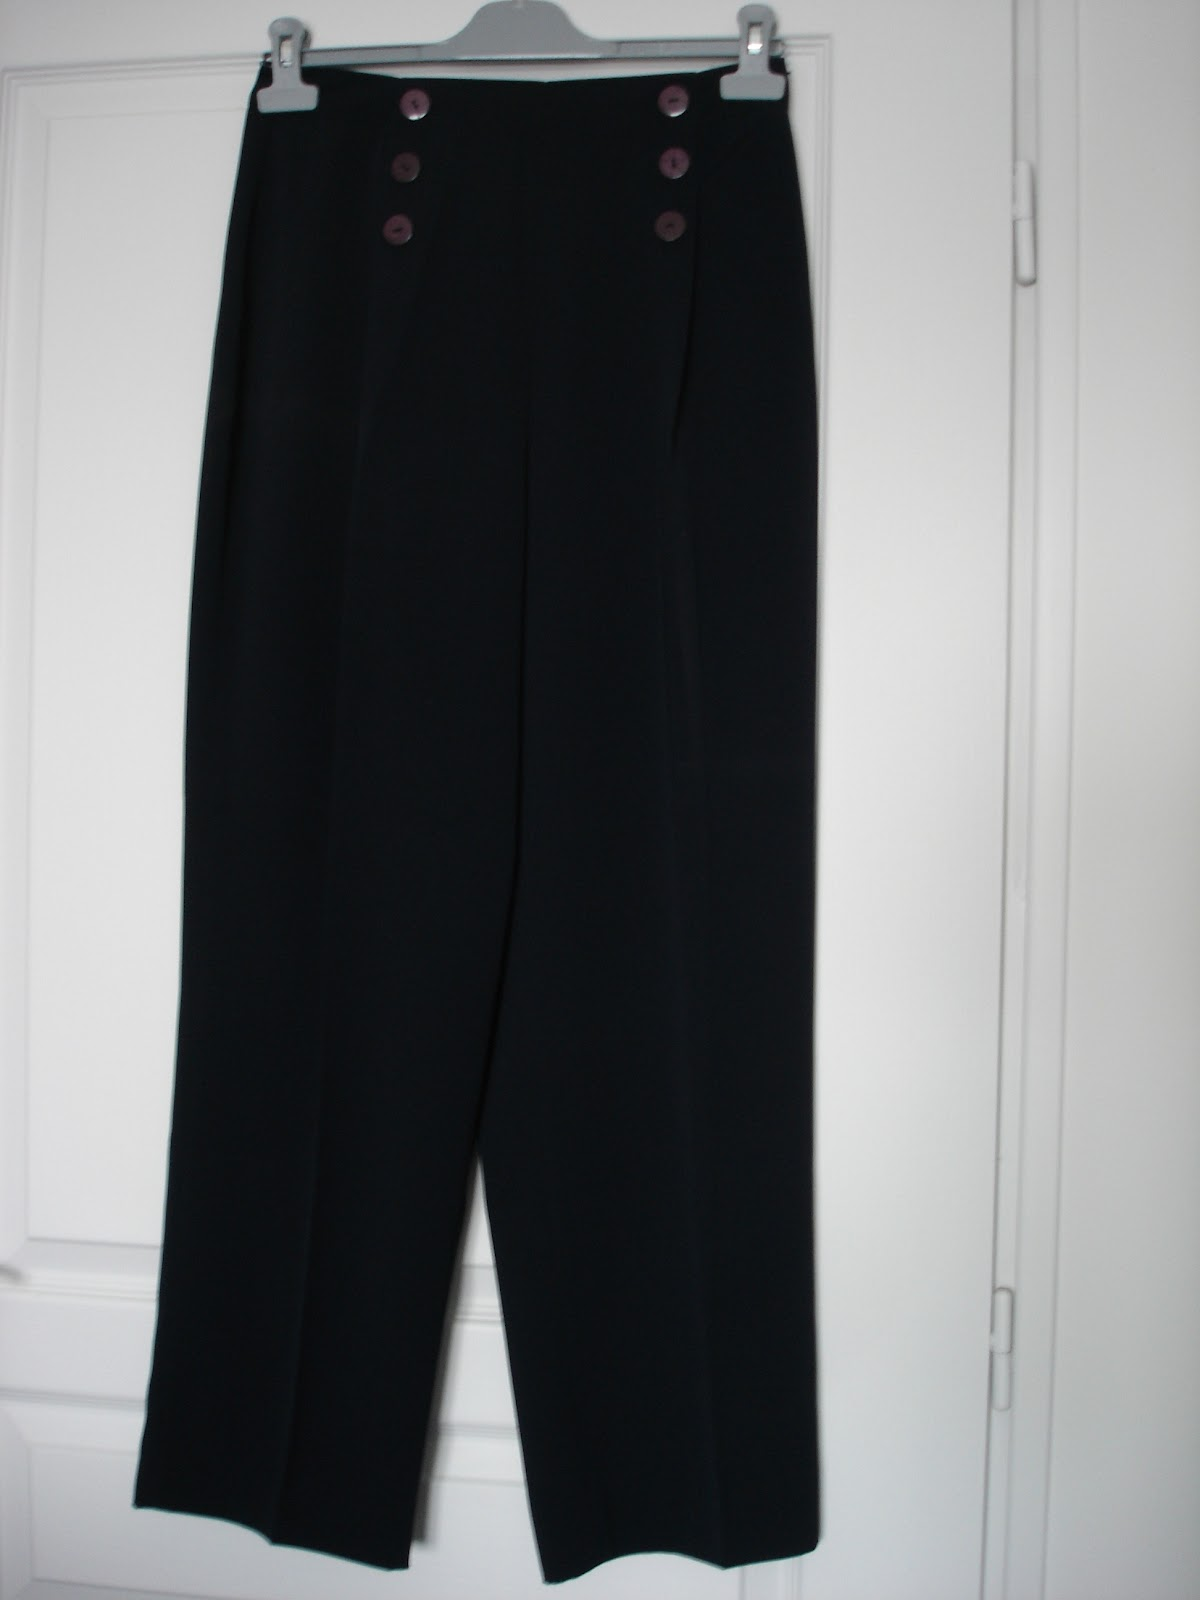 dressing grenier pantalon pont femme. Black Bedroom Furniture Sets. Home Design Ideas